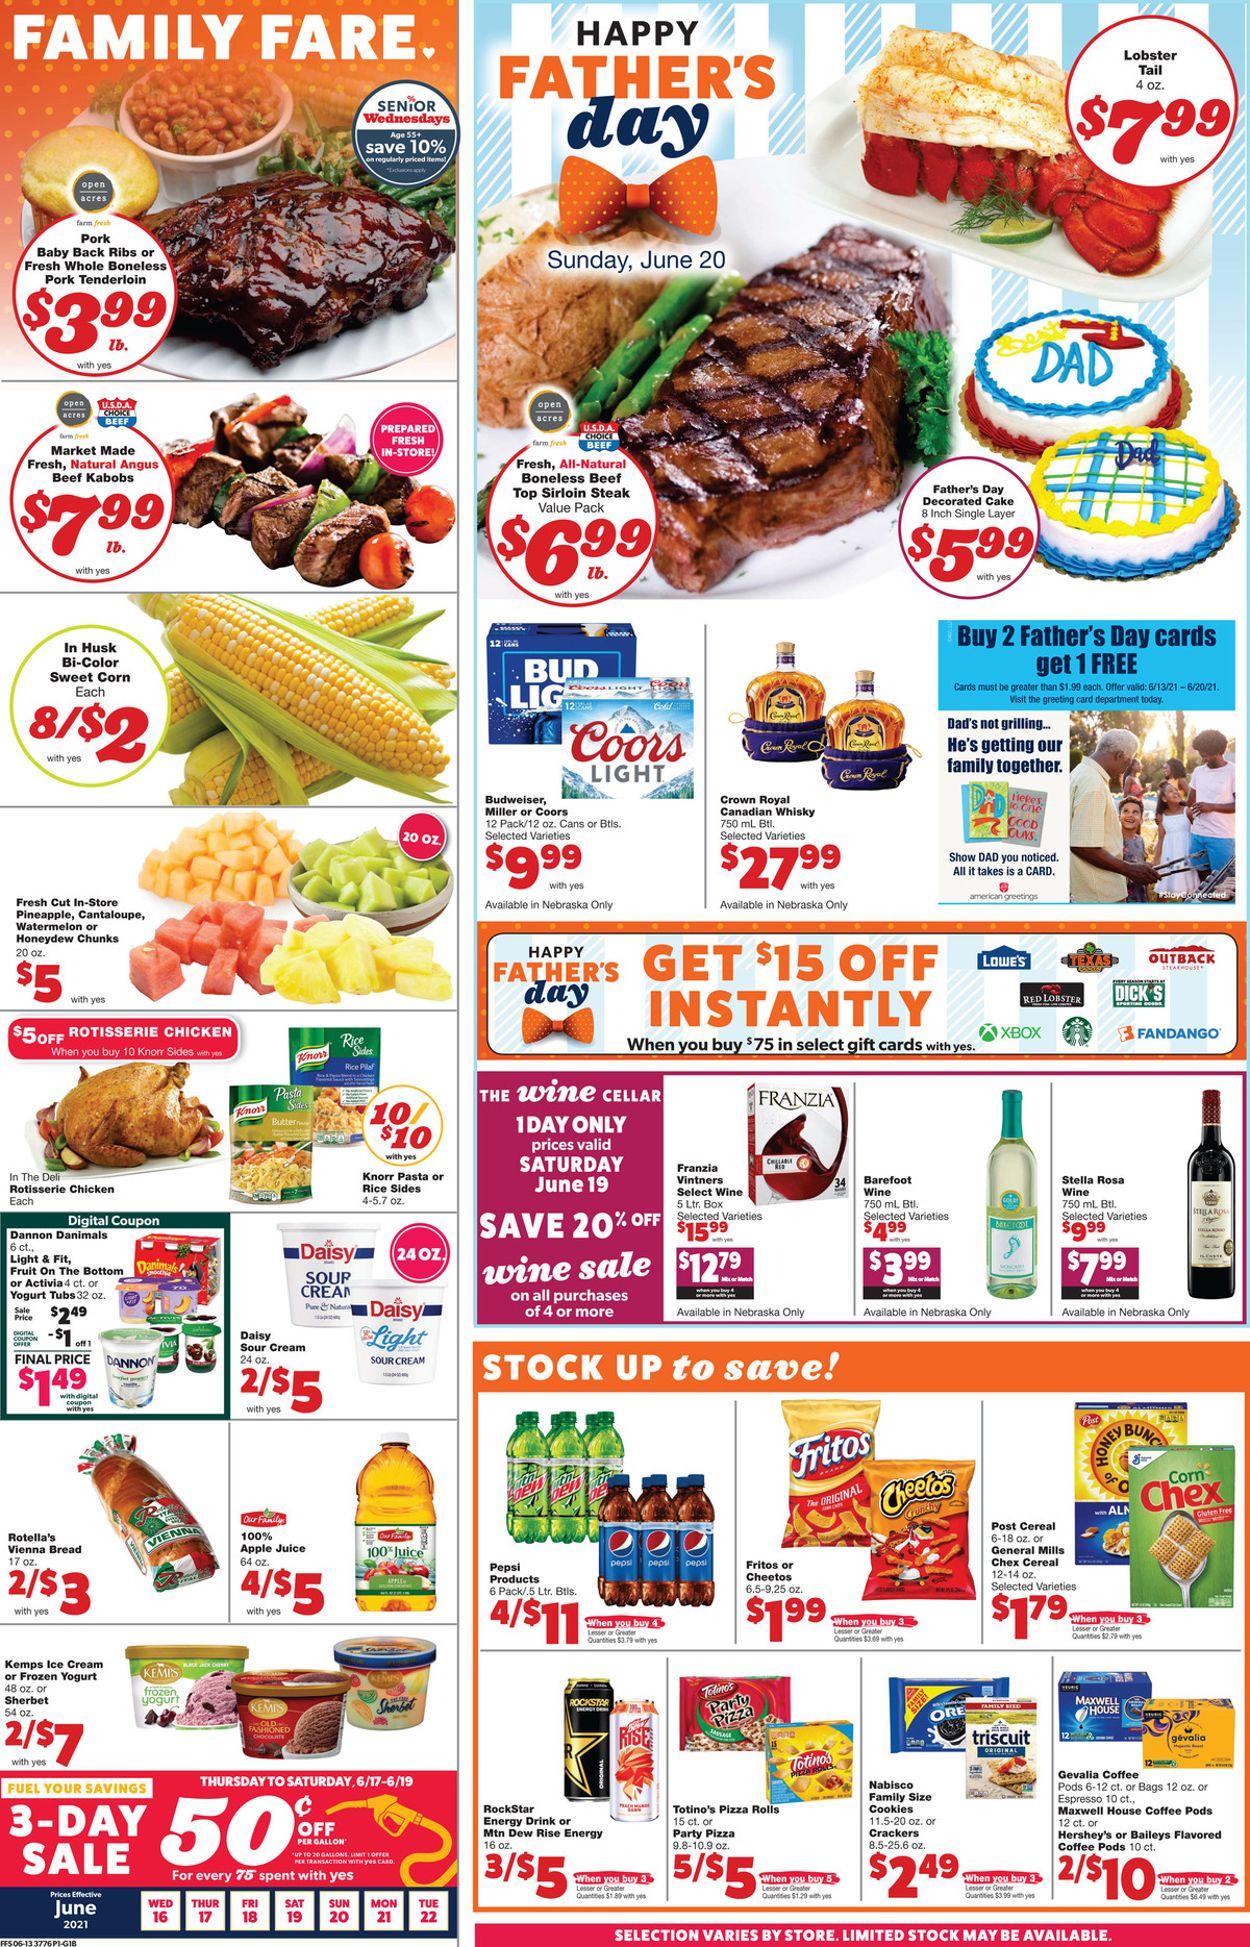 Family Fare Weekly Ad Circular - valid 06/16-06/22/2021